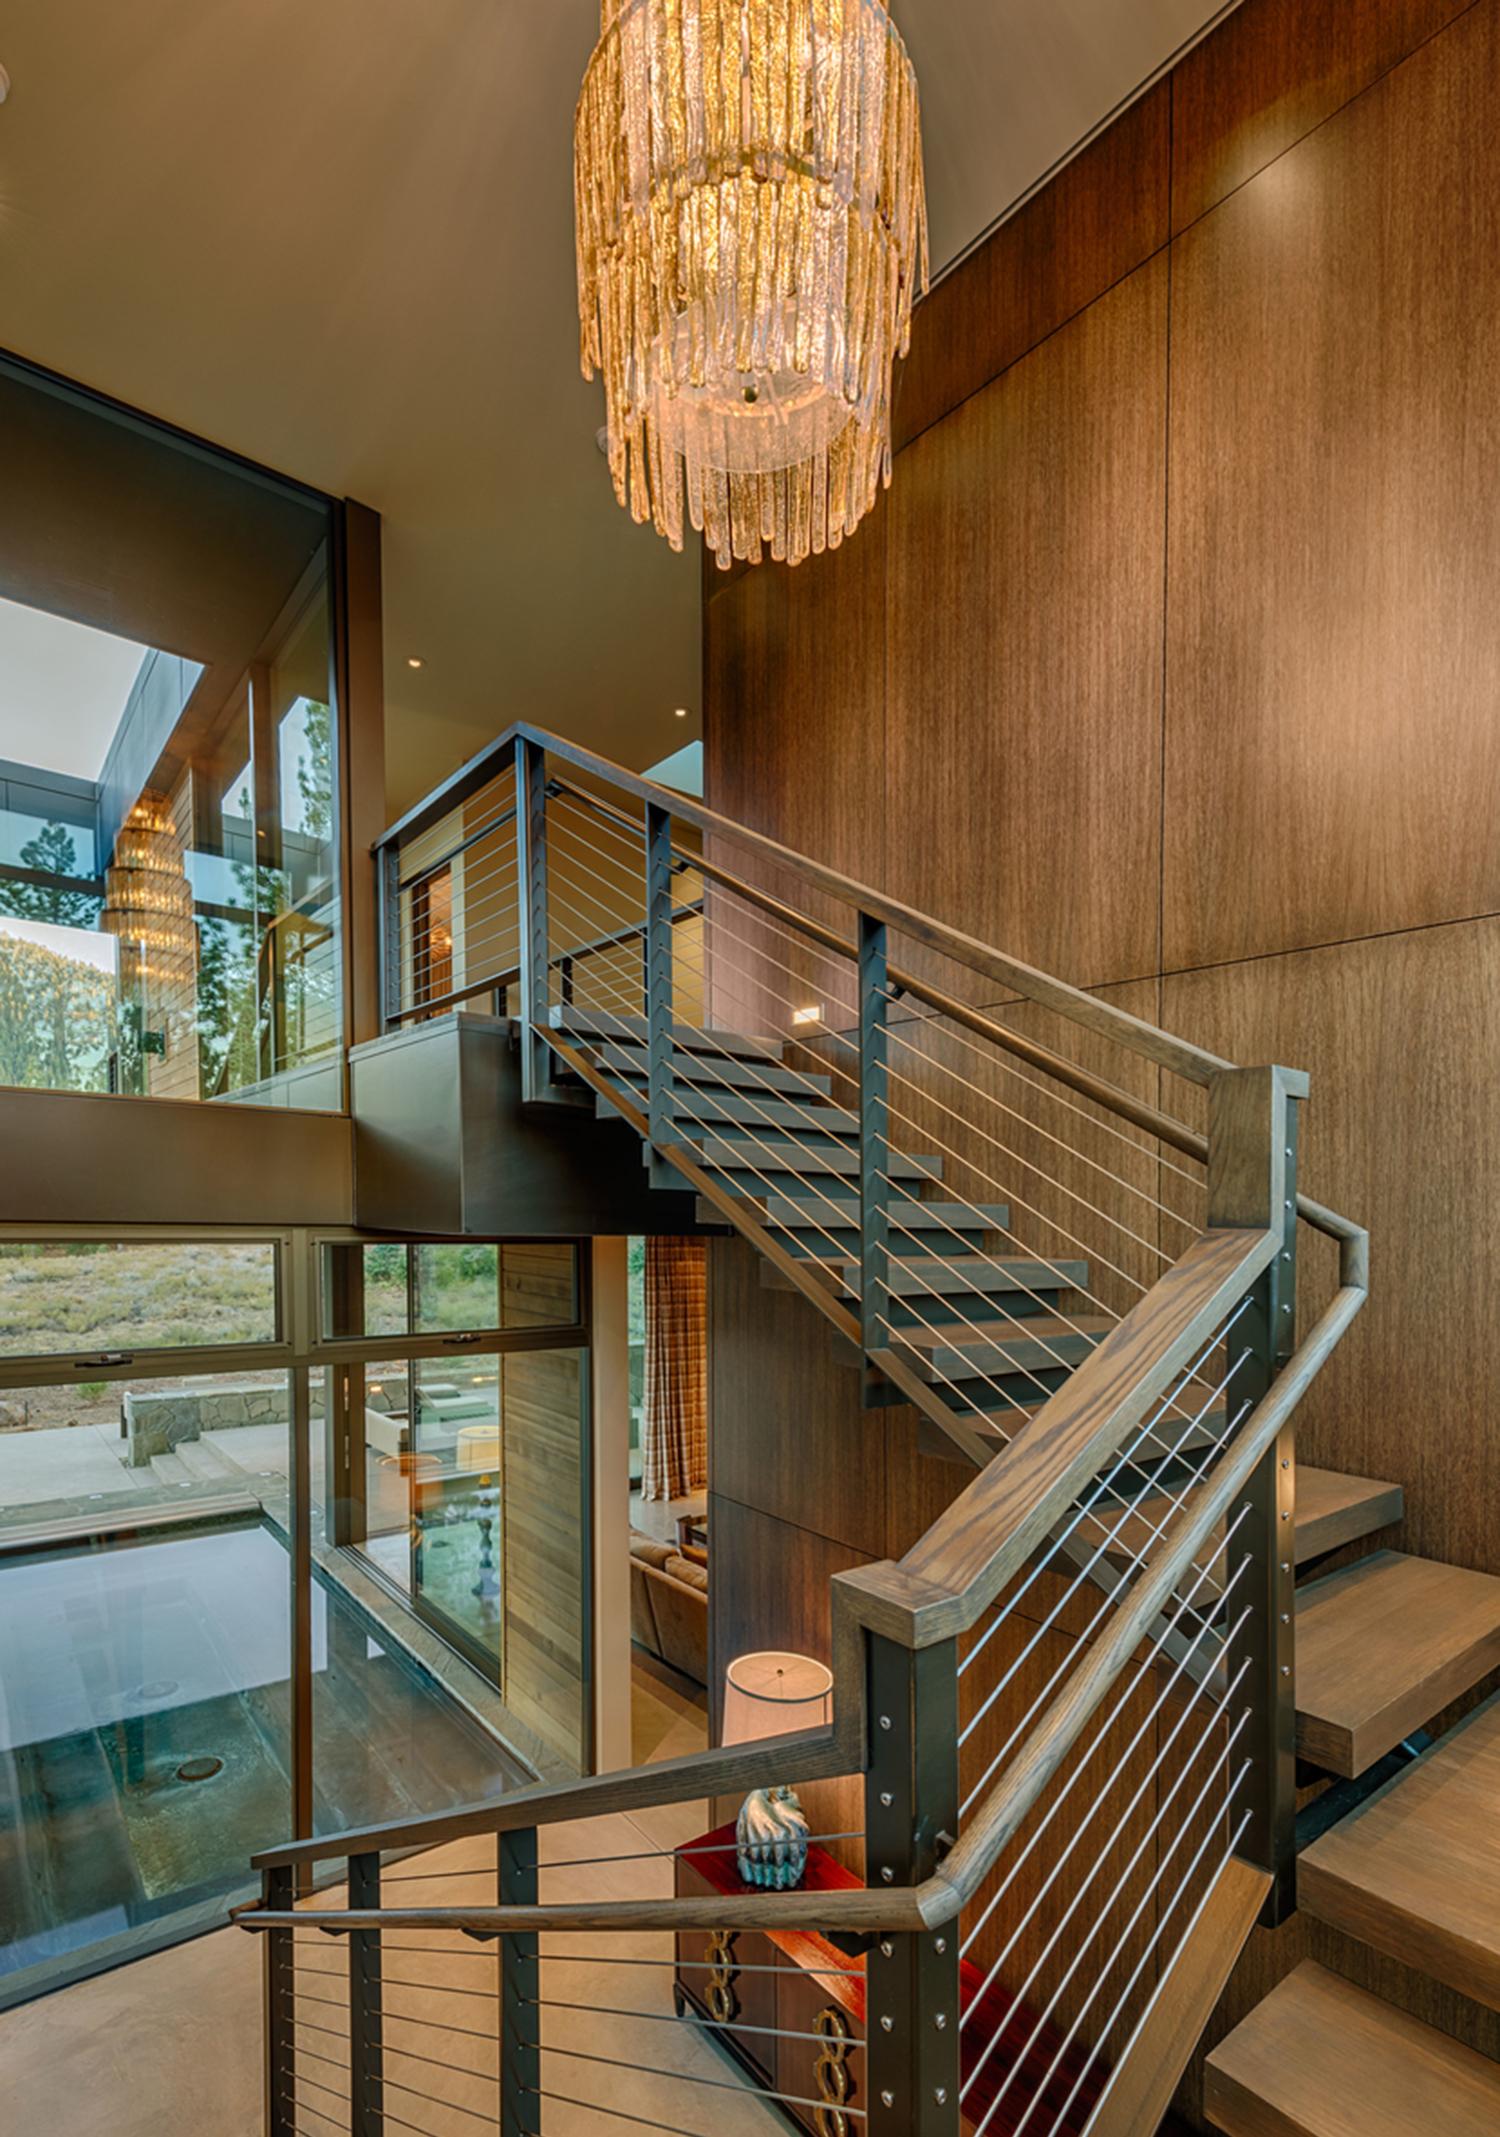 Lot 403_Staircase_Metal Railing_Wood Panel Walls_Chandelier.jpg